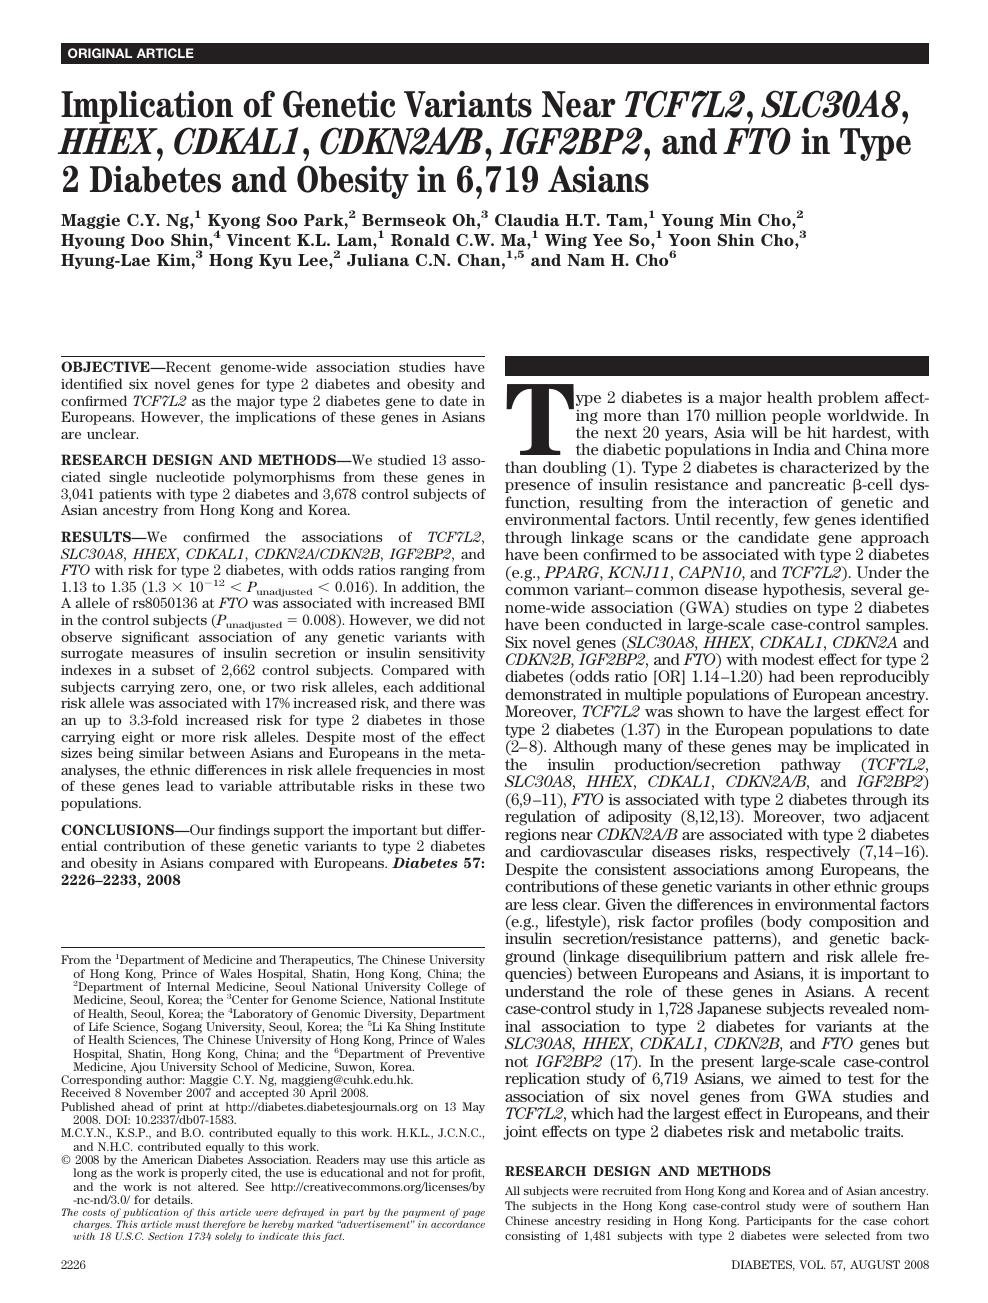 diabetes igf2bp2